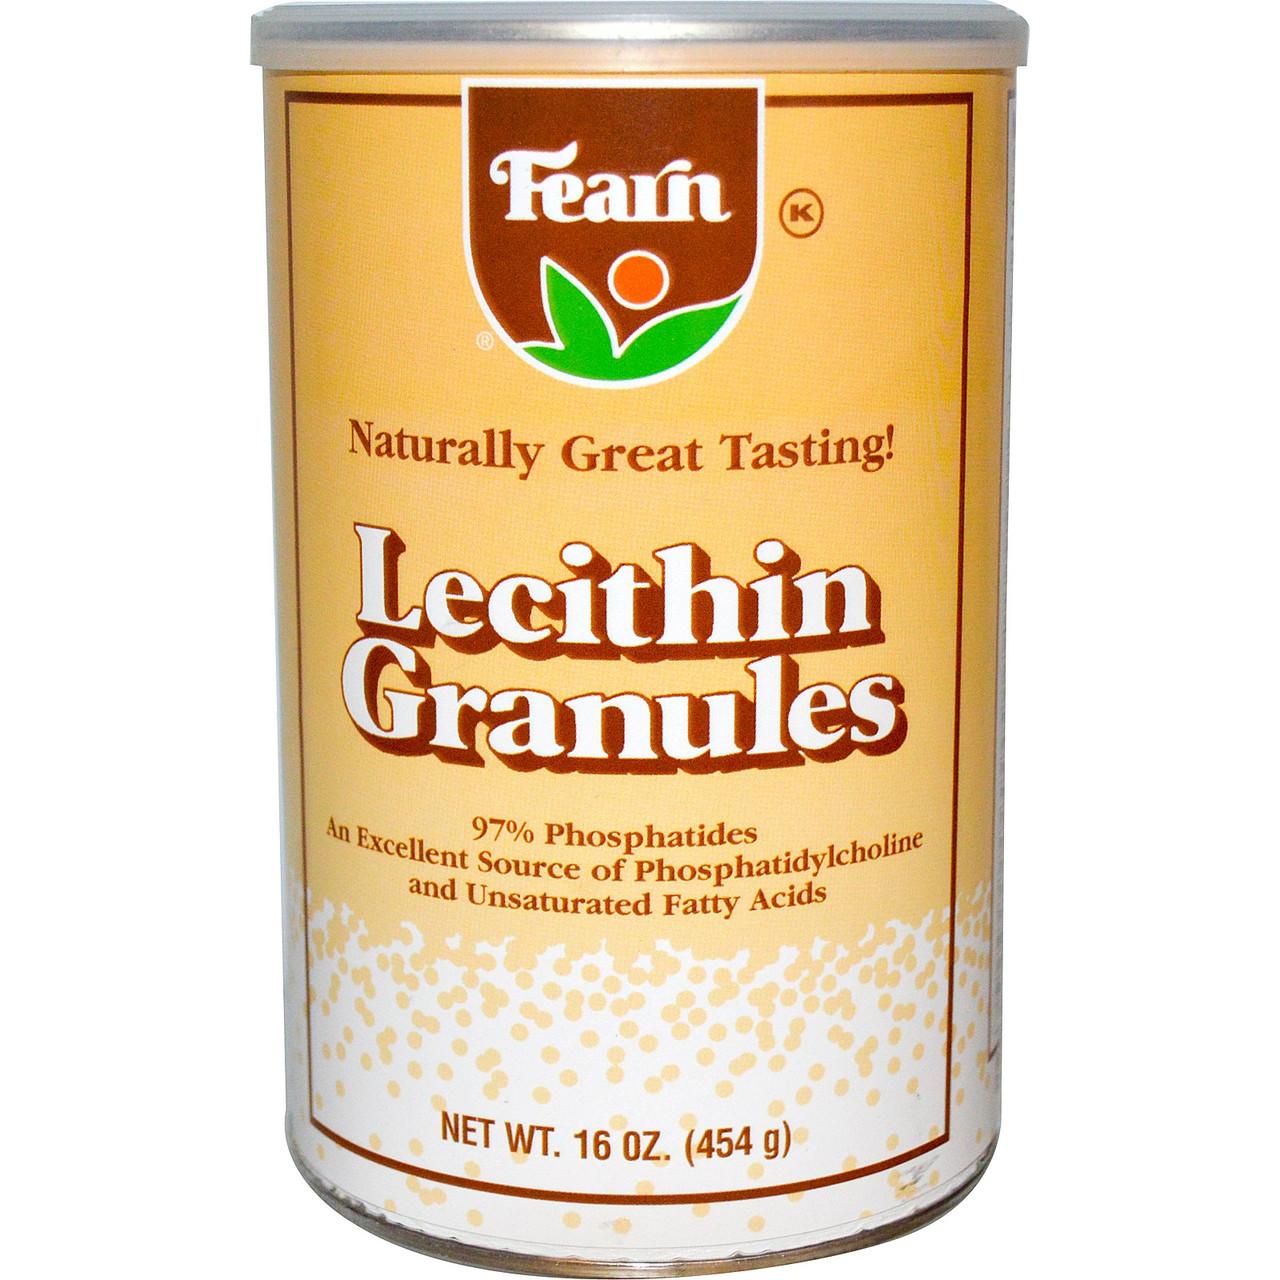 Лецитин в гранулах, Fearn Natural Food, 454 г. Сдедано в США